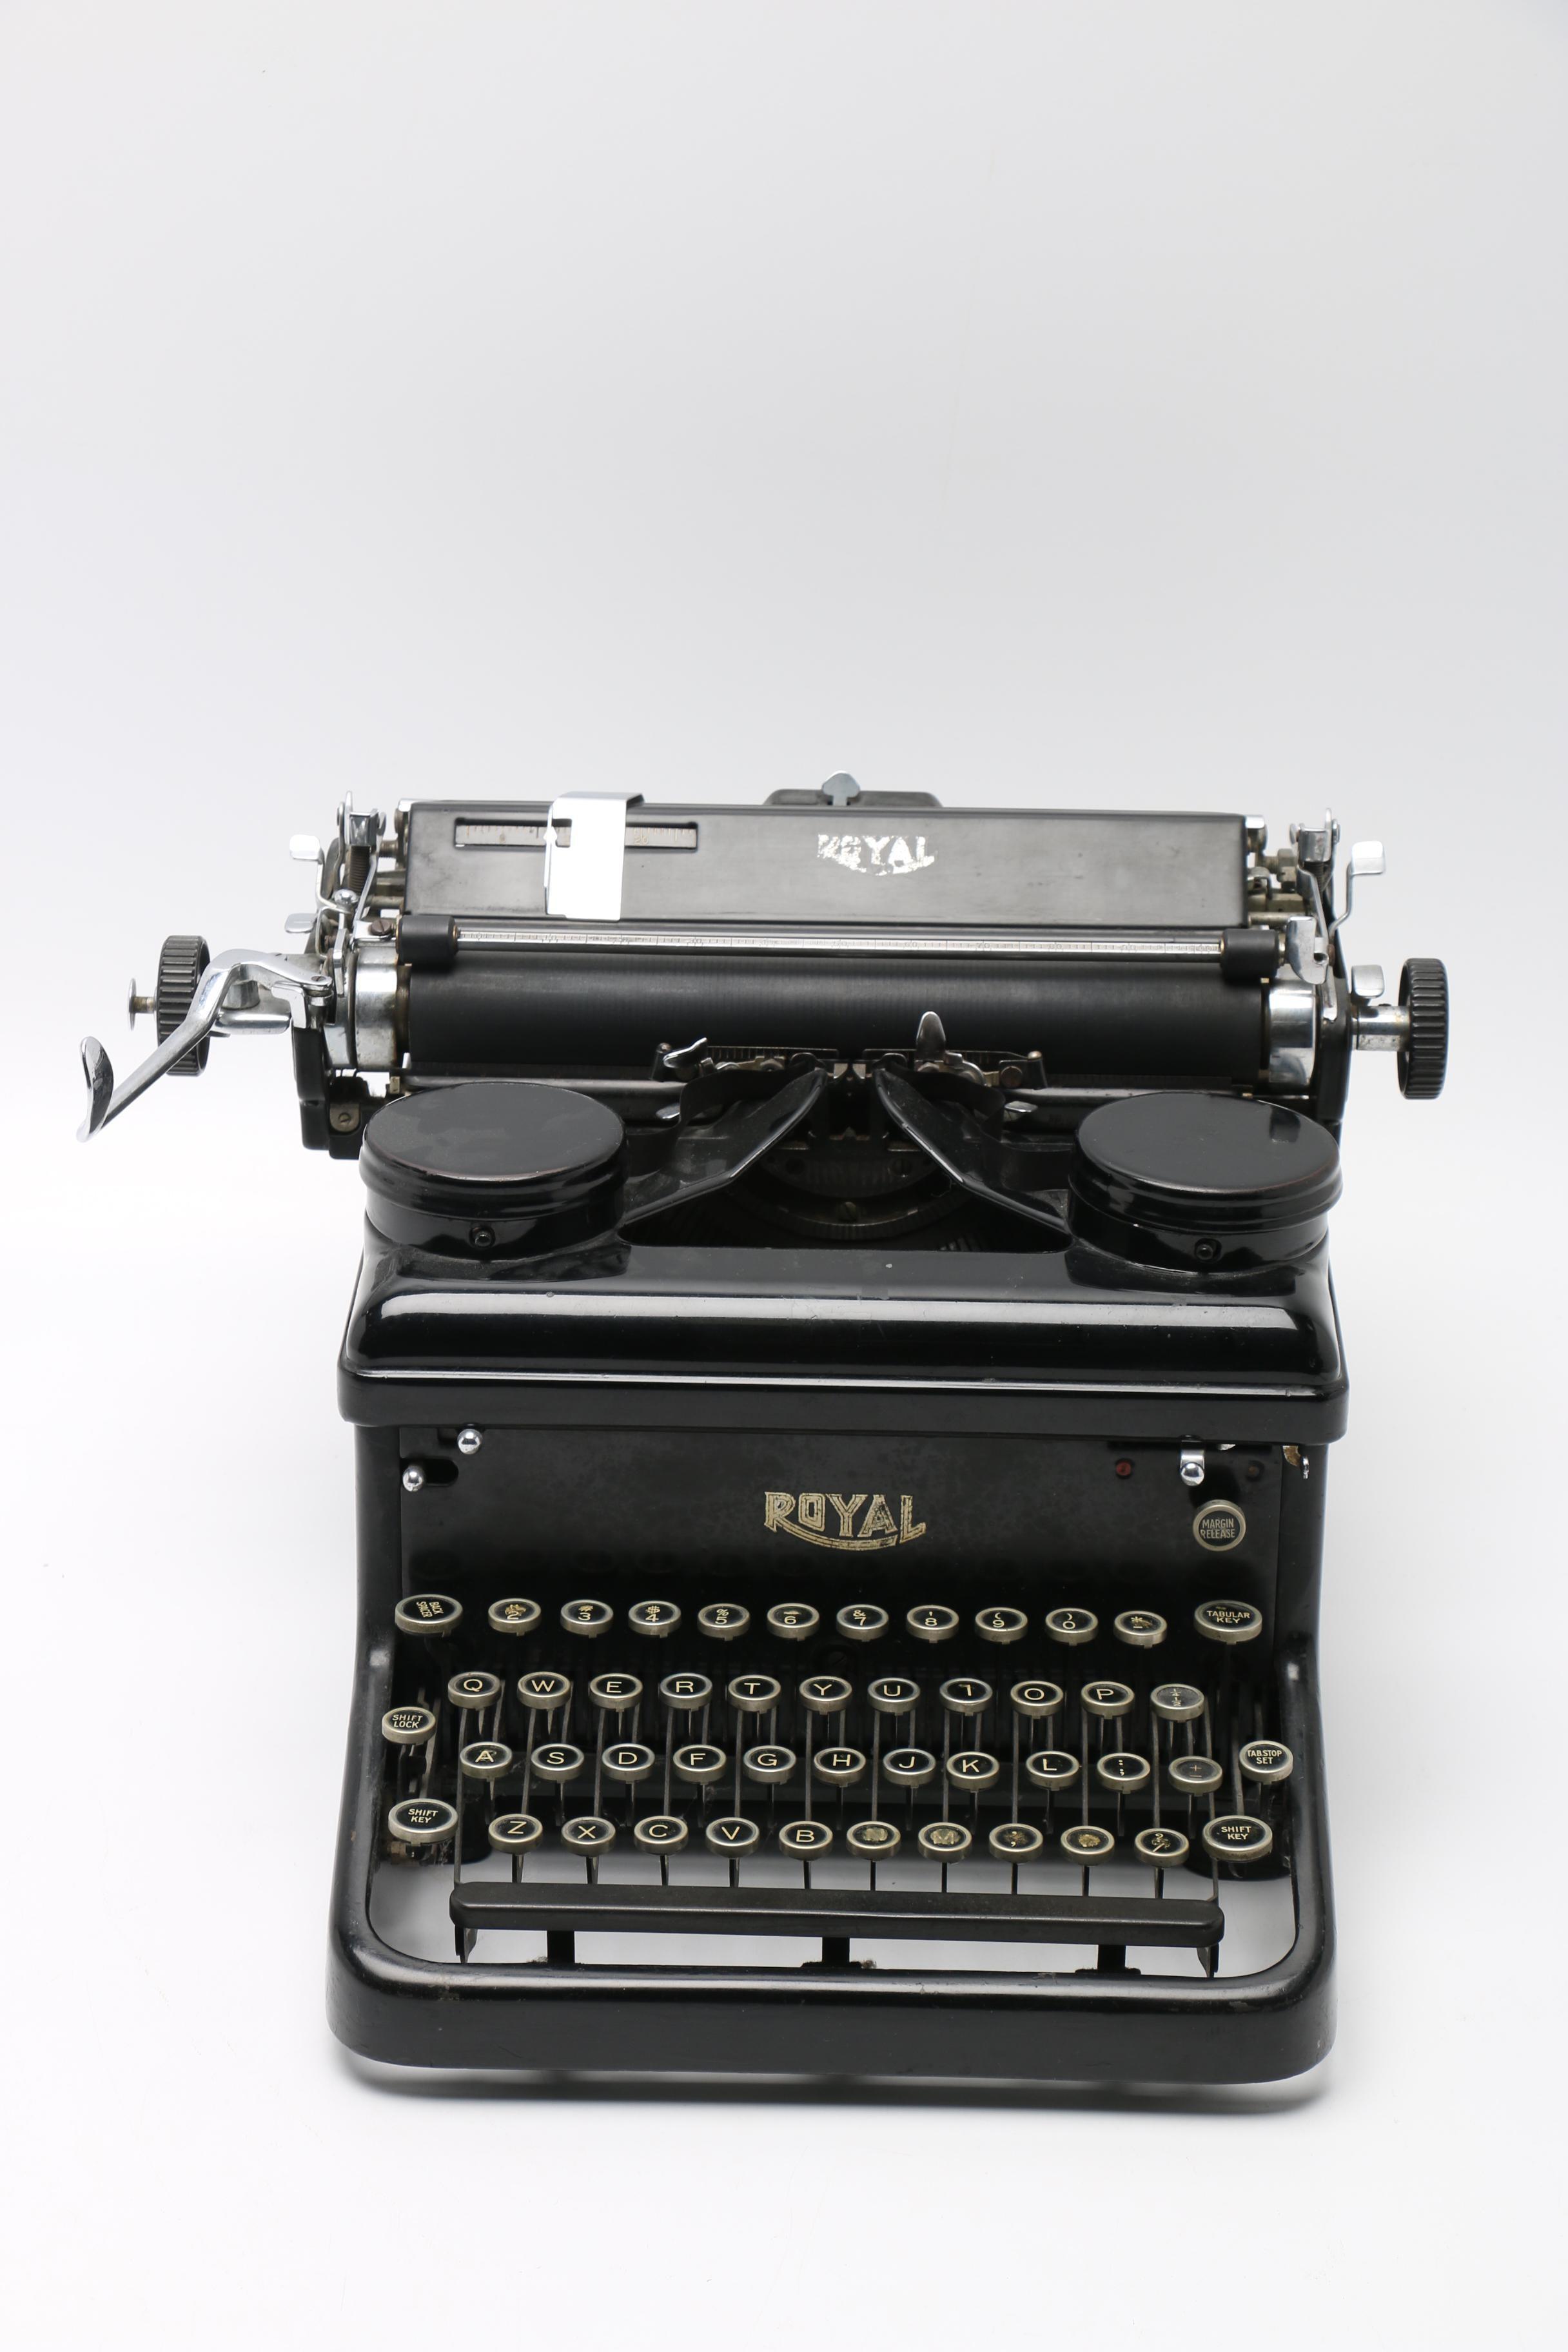 Circa 1935 Royal Typewriter